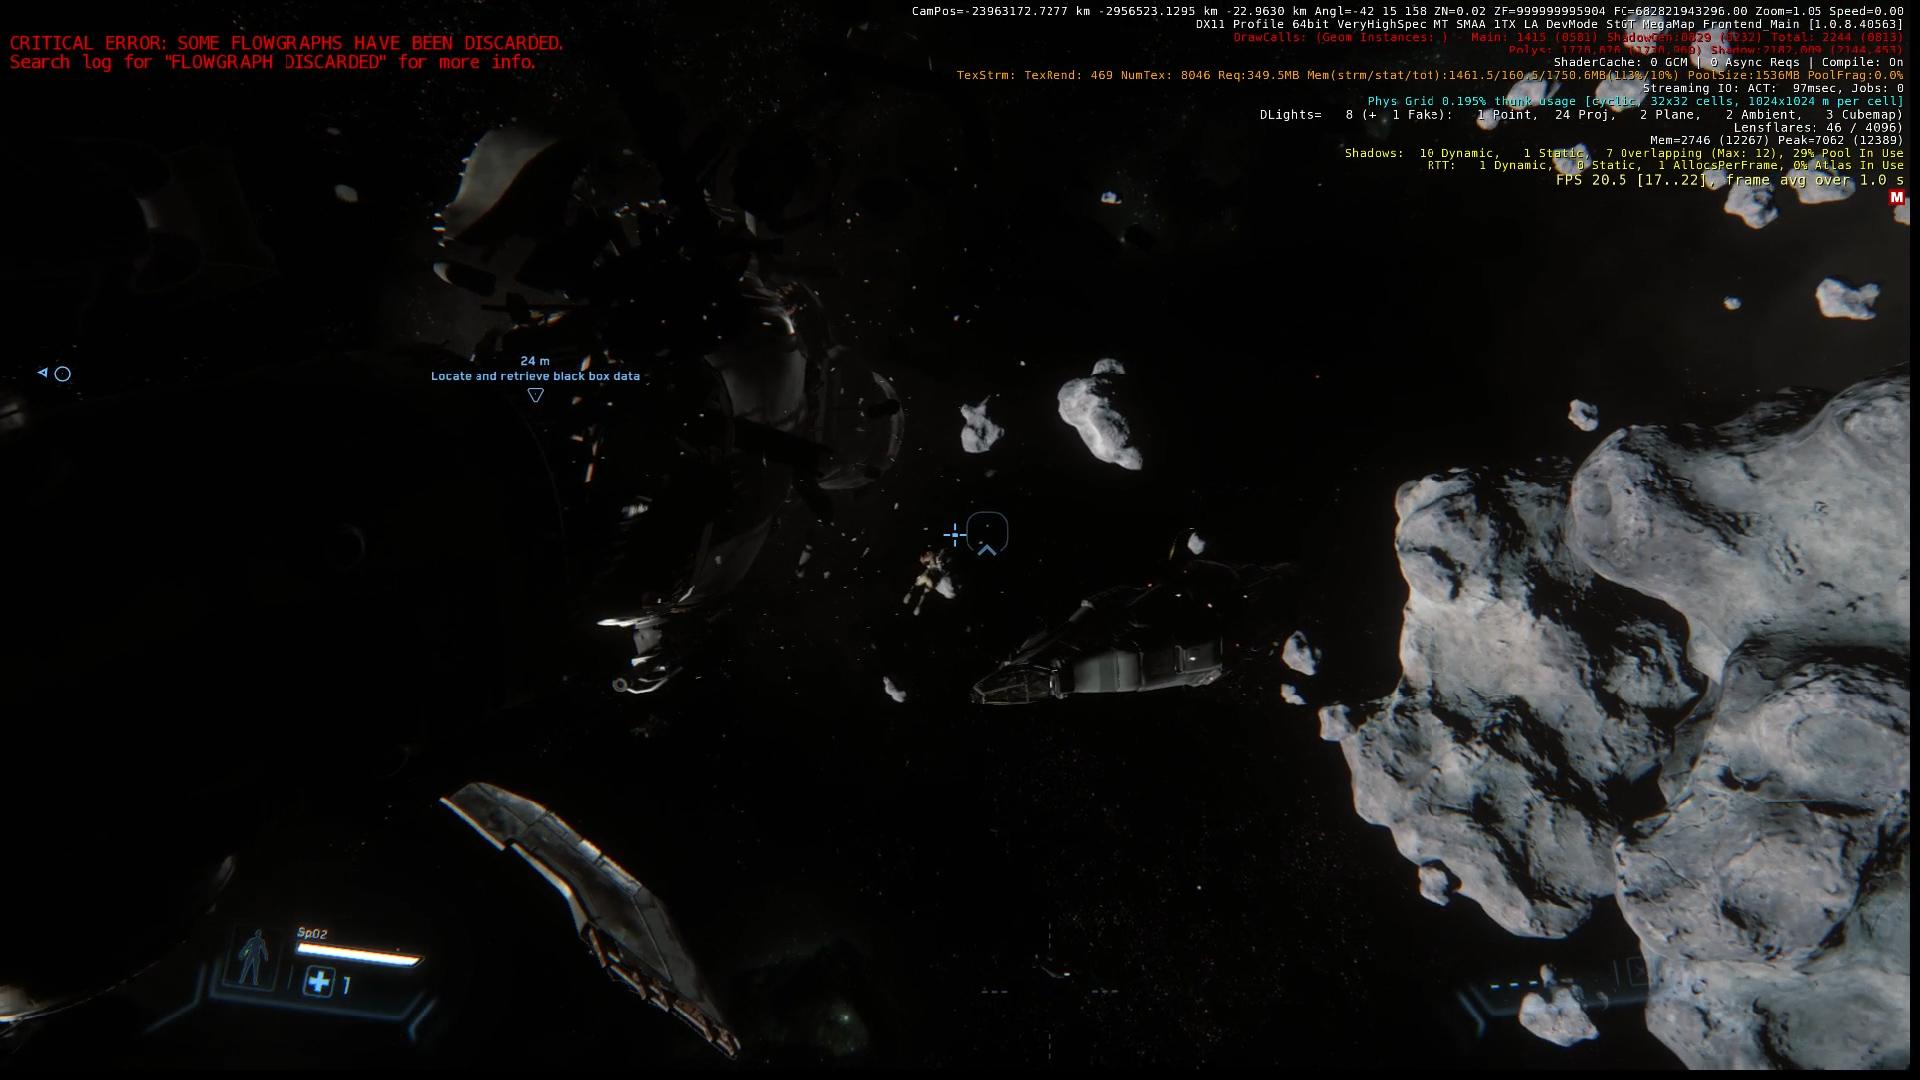 Mission_broker_02.jpg